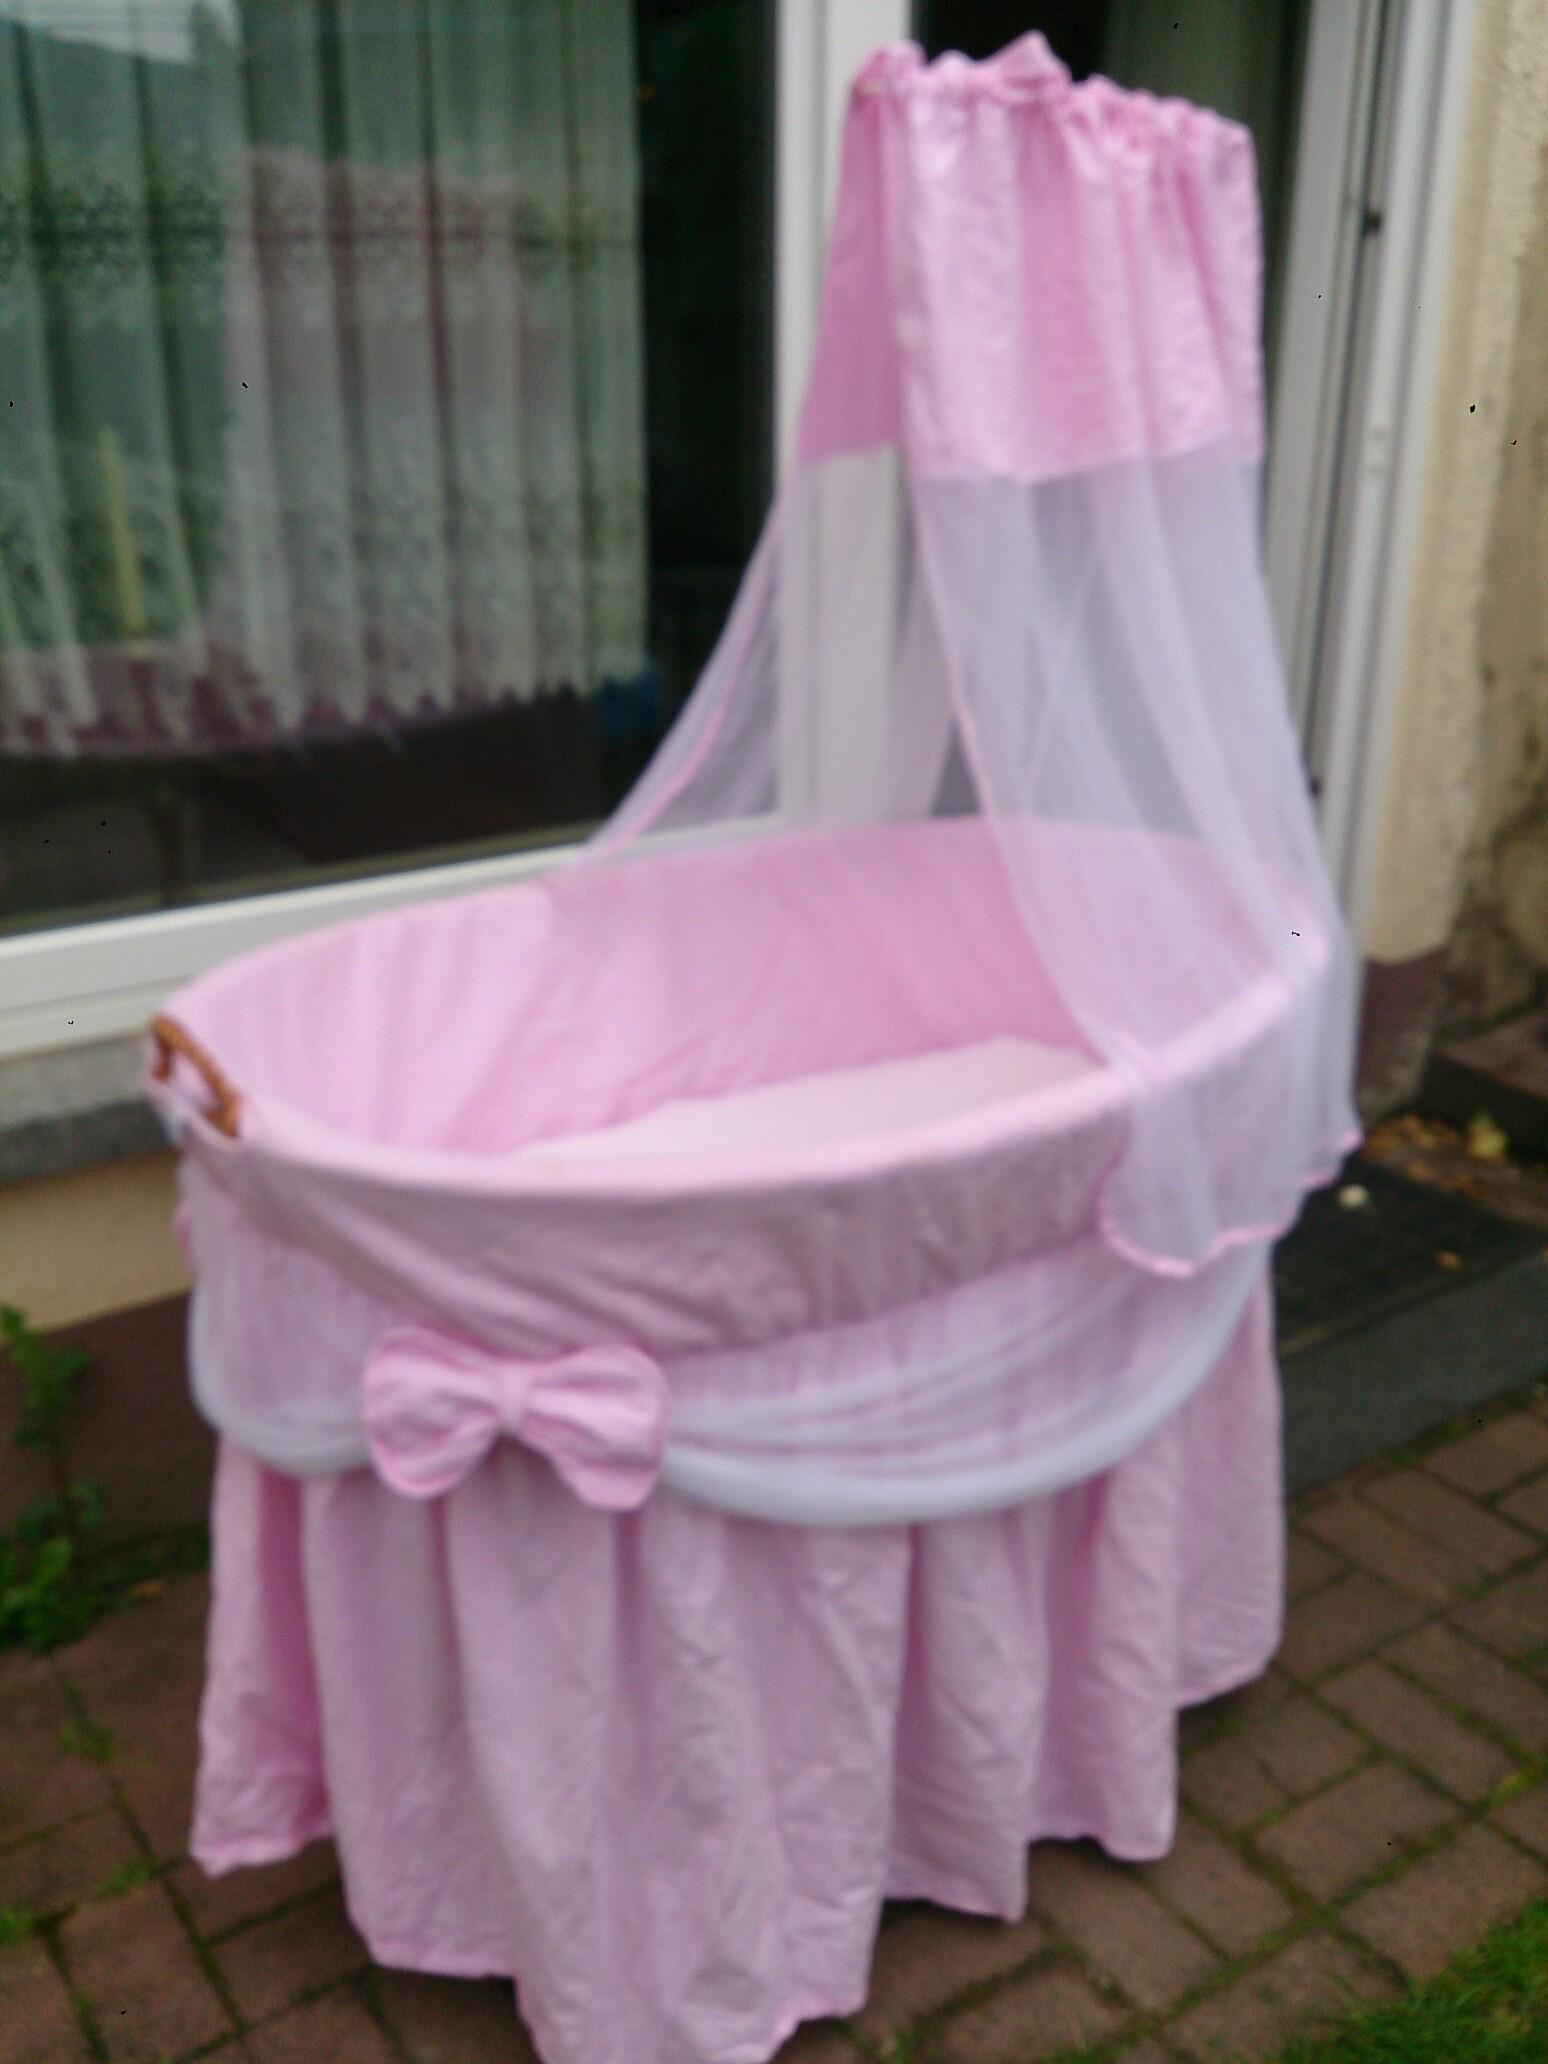 Gebraucht stubenwagen pink xxl in lautertal odenwald um